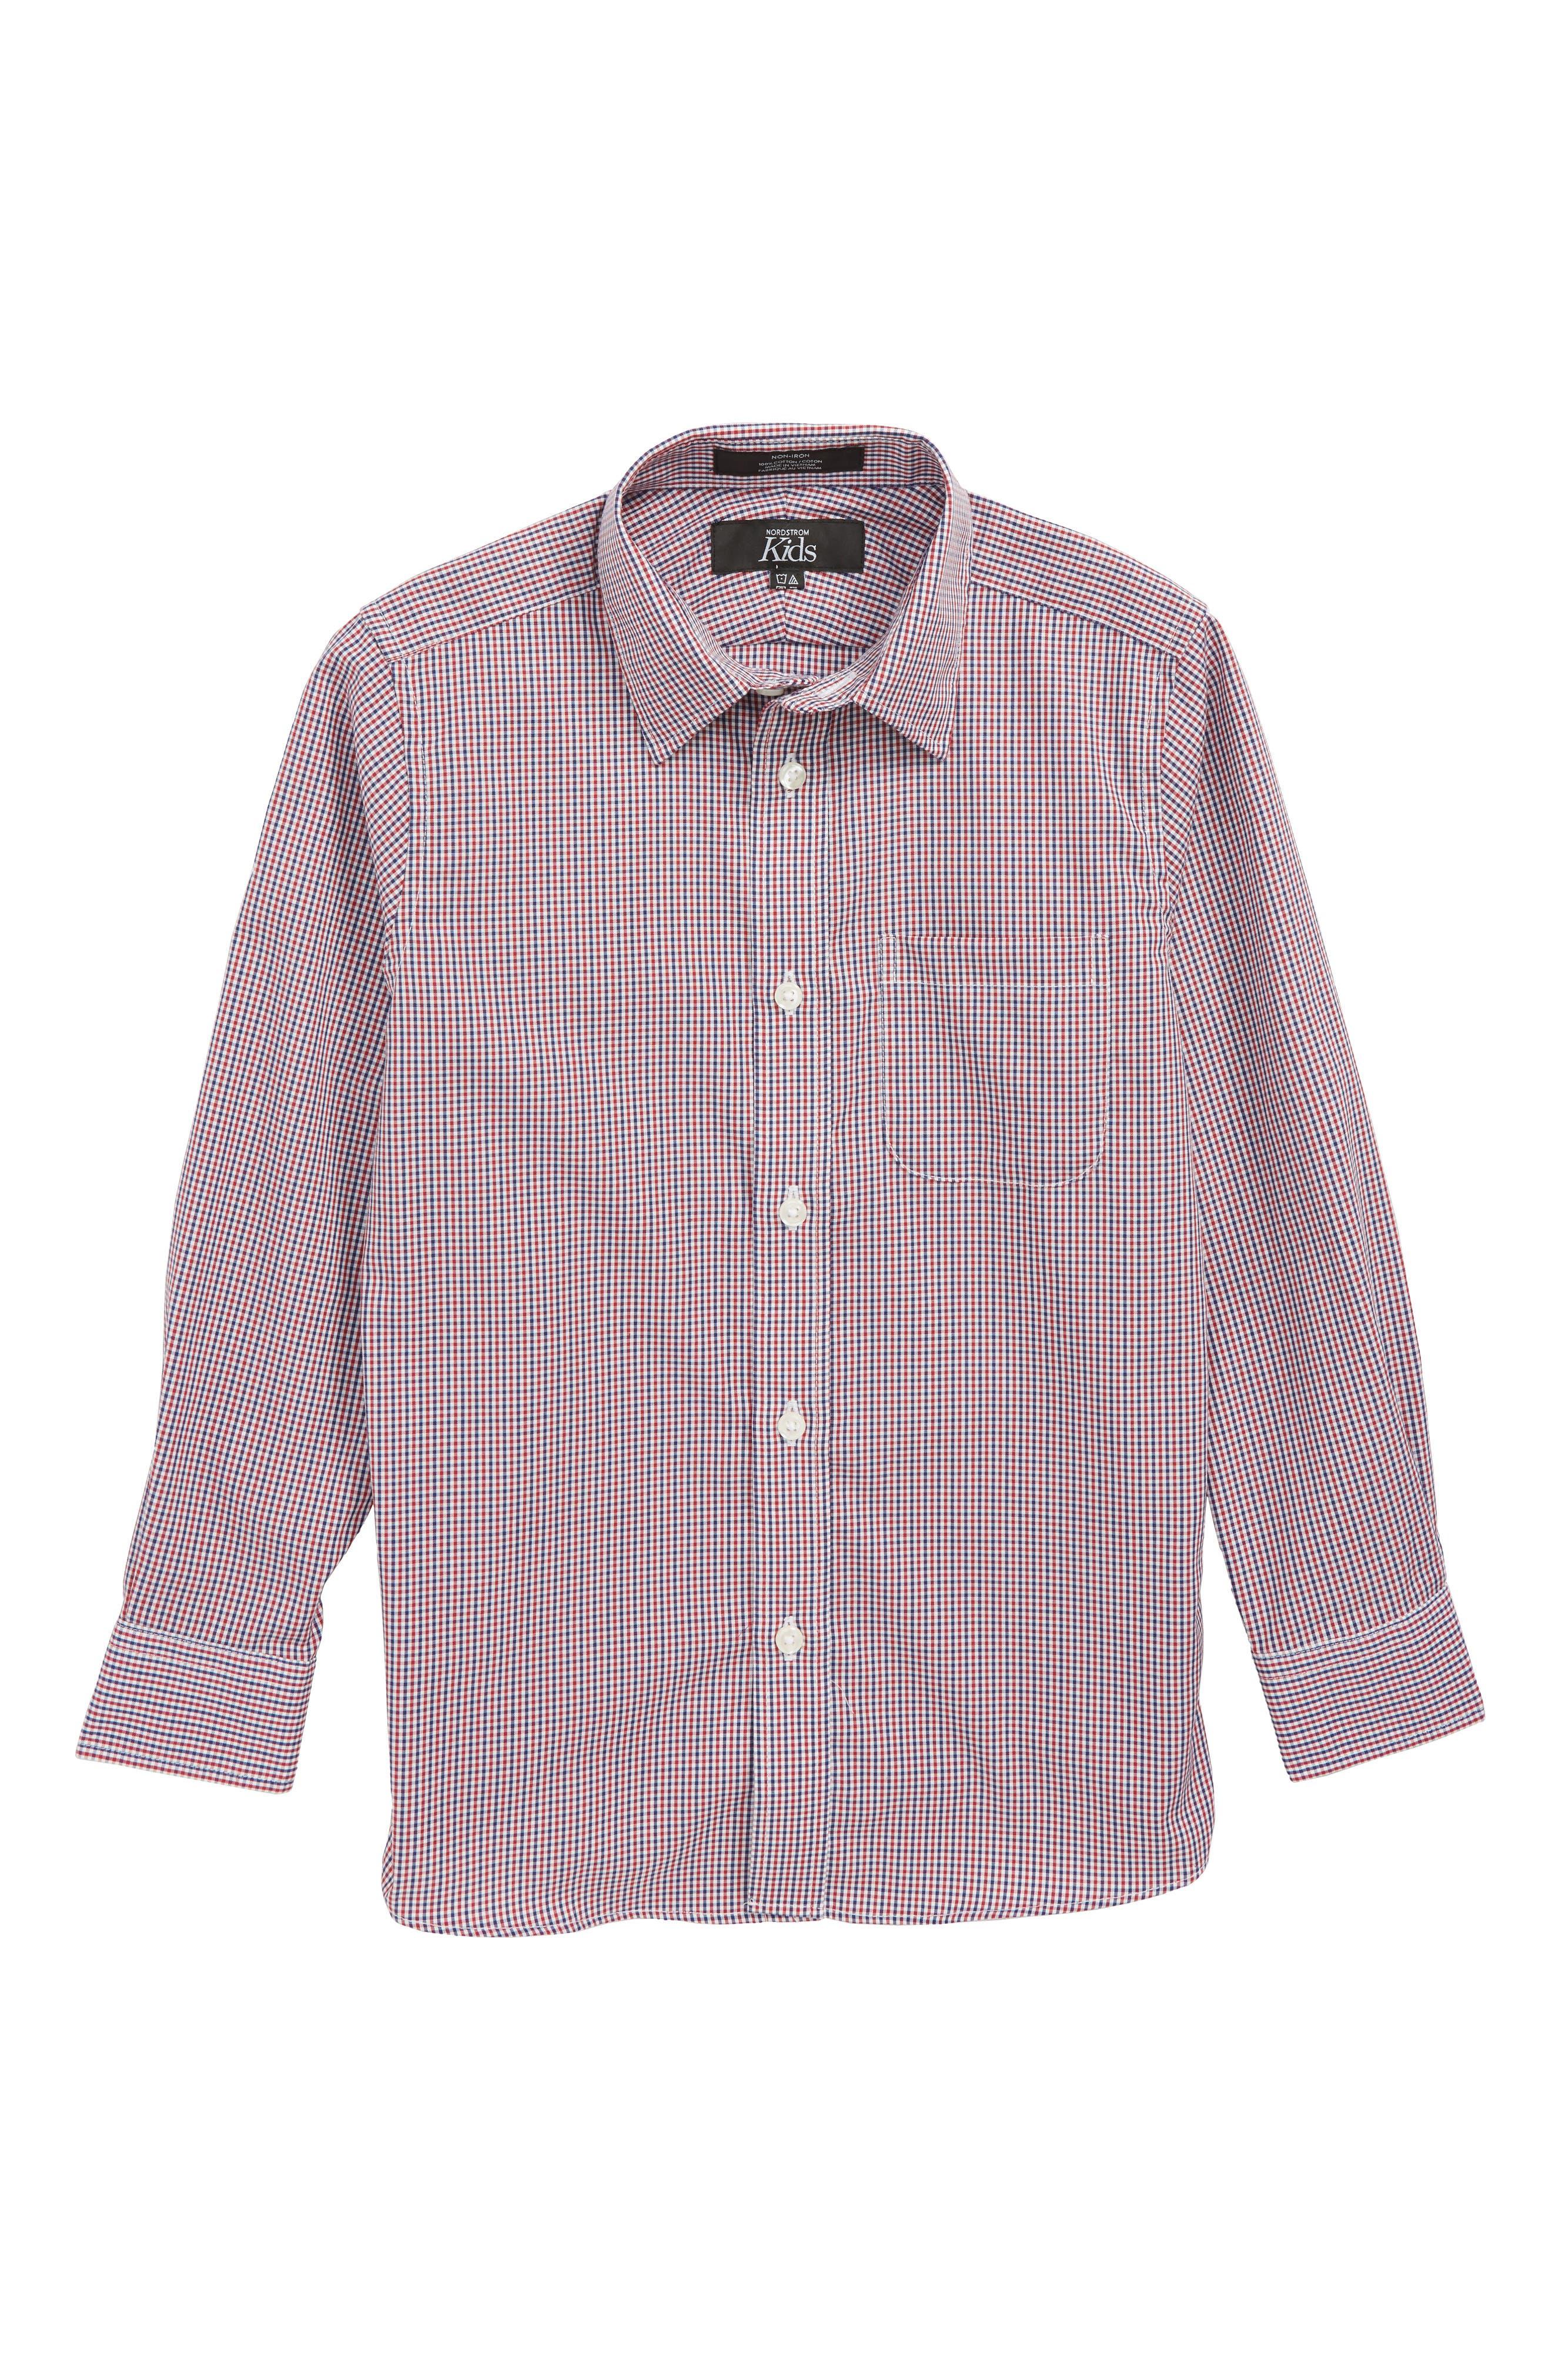 Non-Iron Check Dress Shirt,                             Main thumbnail 1, color,                             RED SAGE- NAVY PLAID